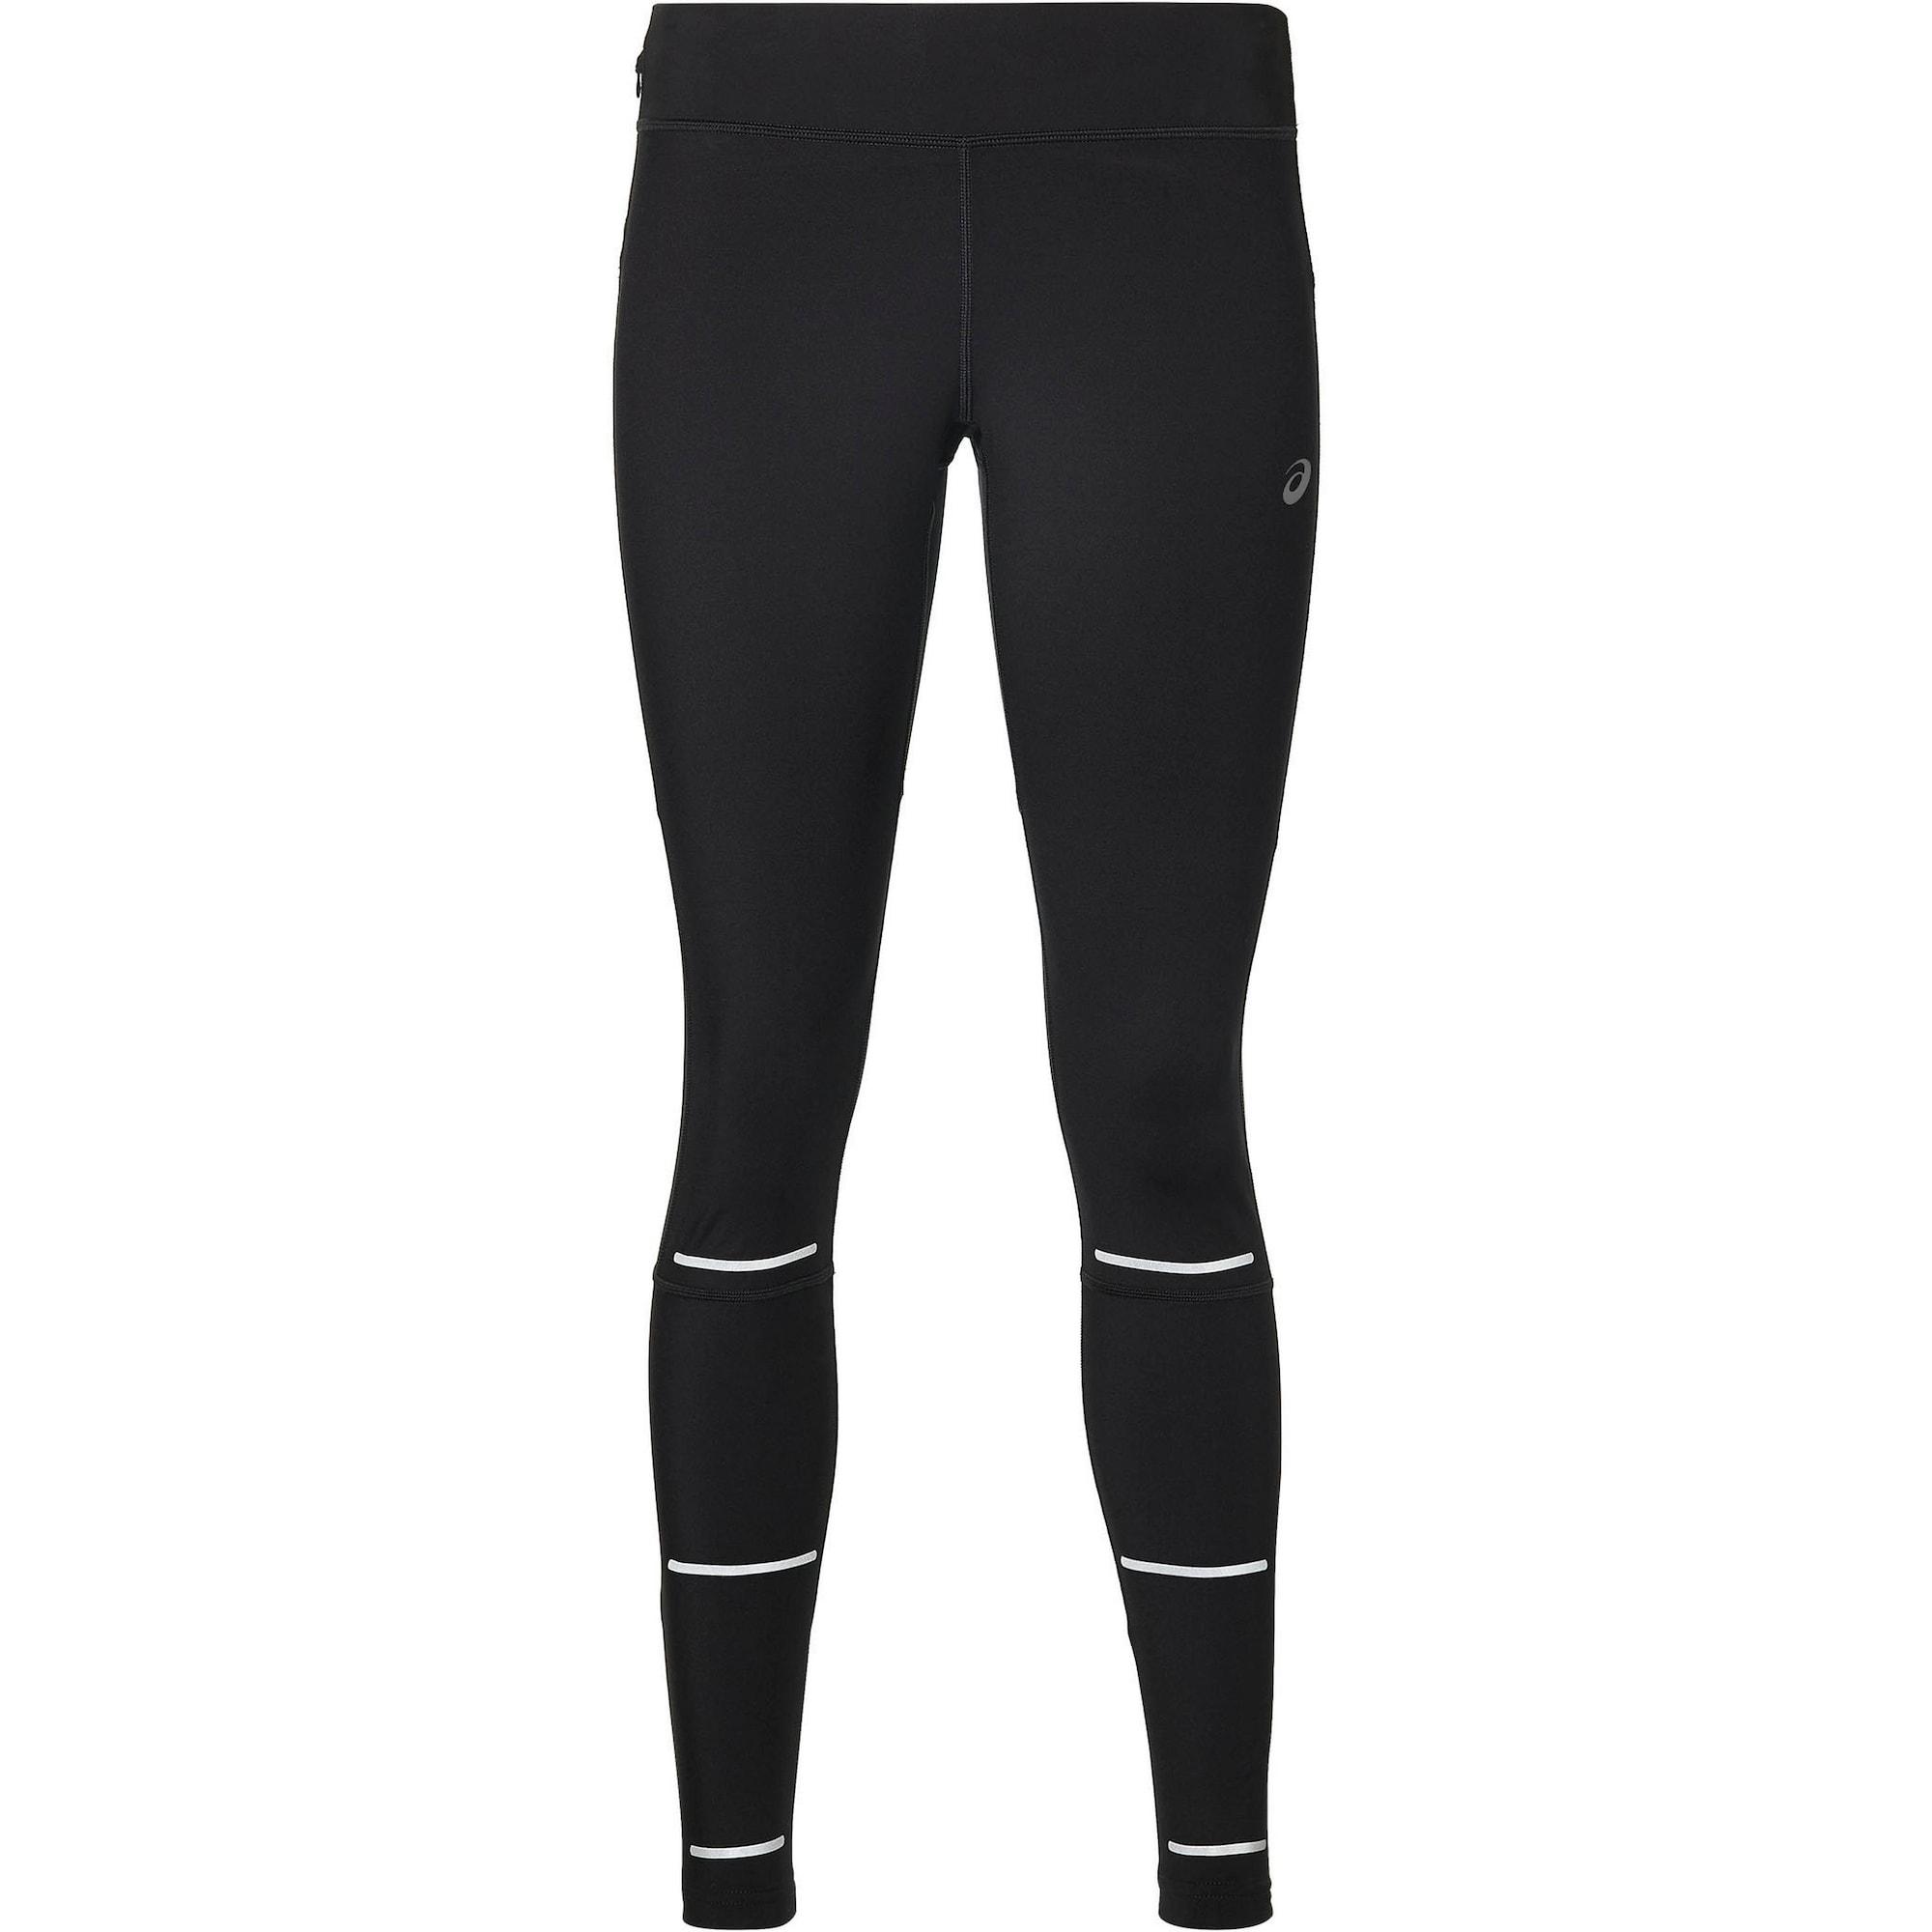 Sportovní kalhoty Lite Show Winter černá ASICS